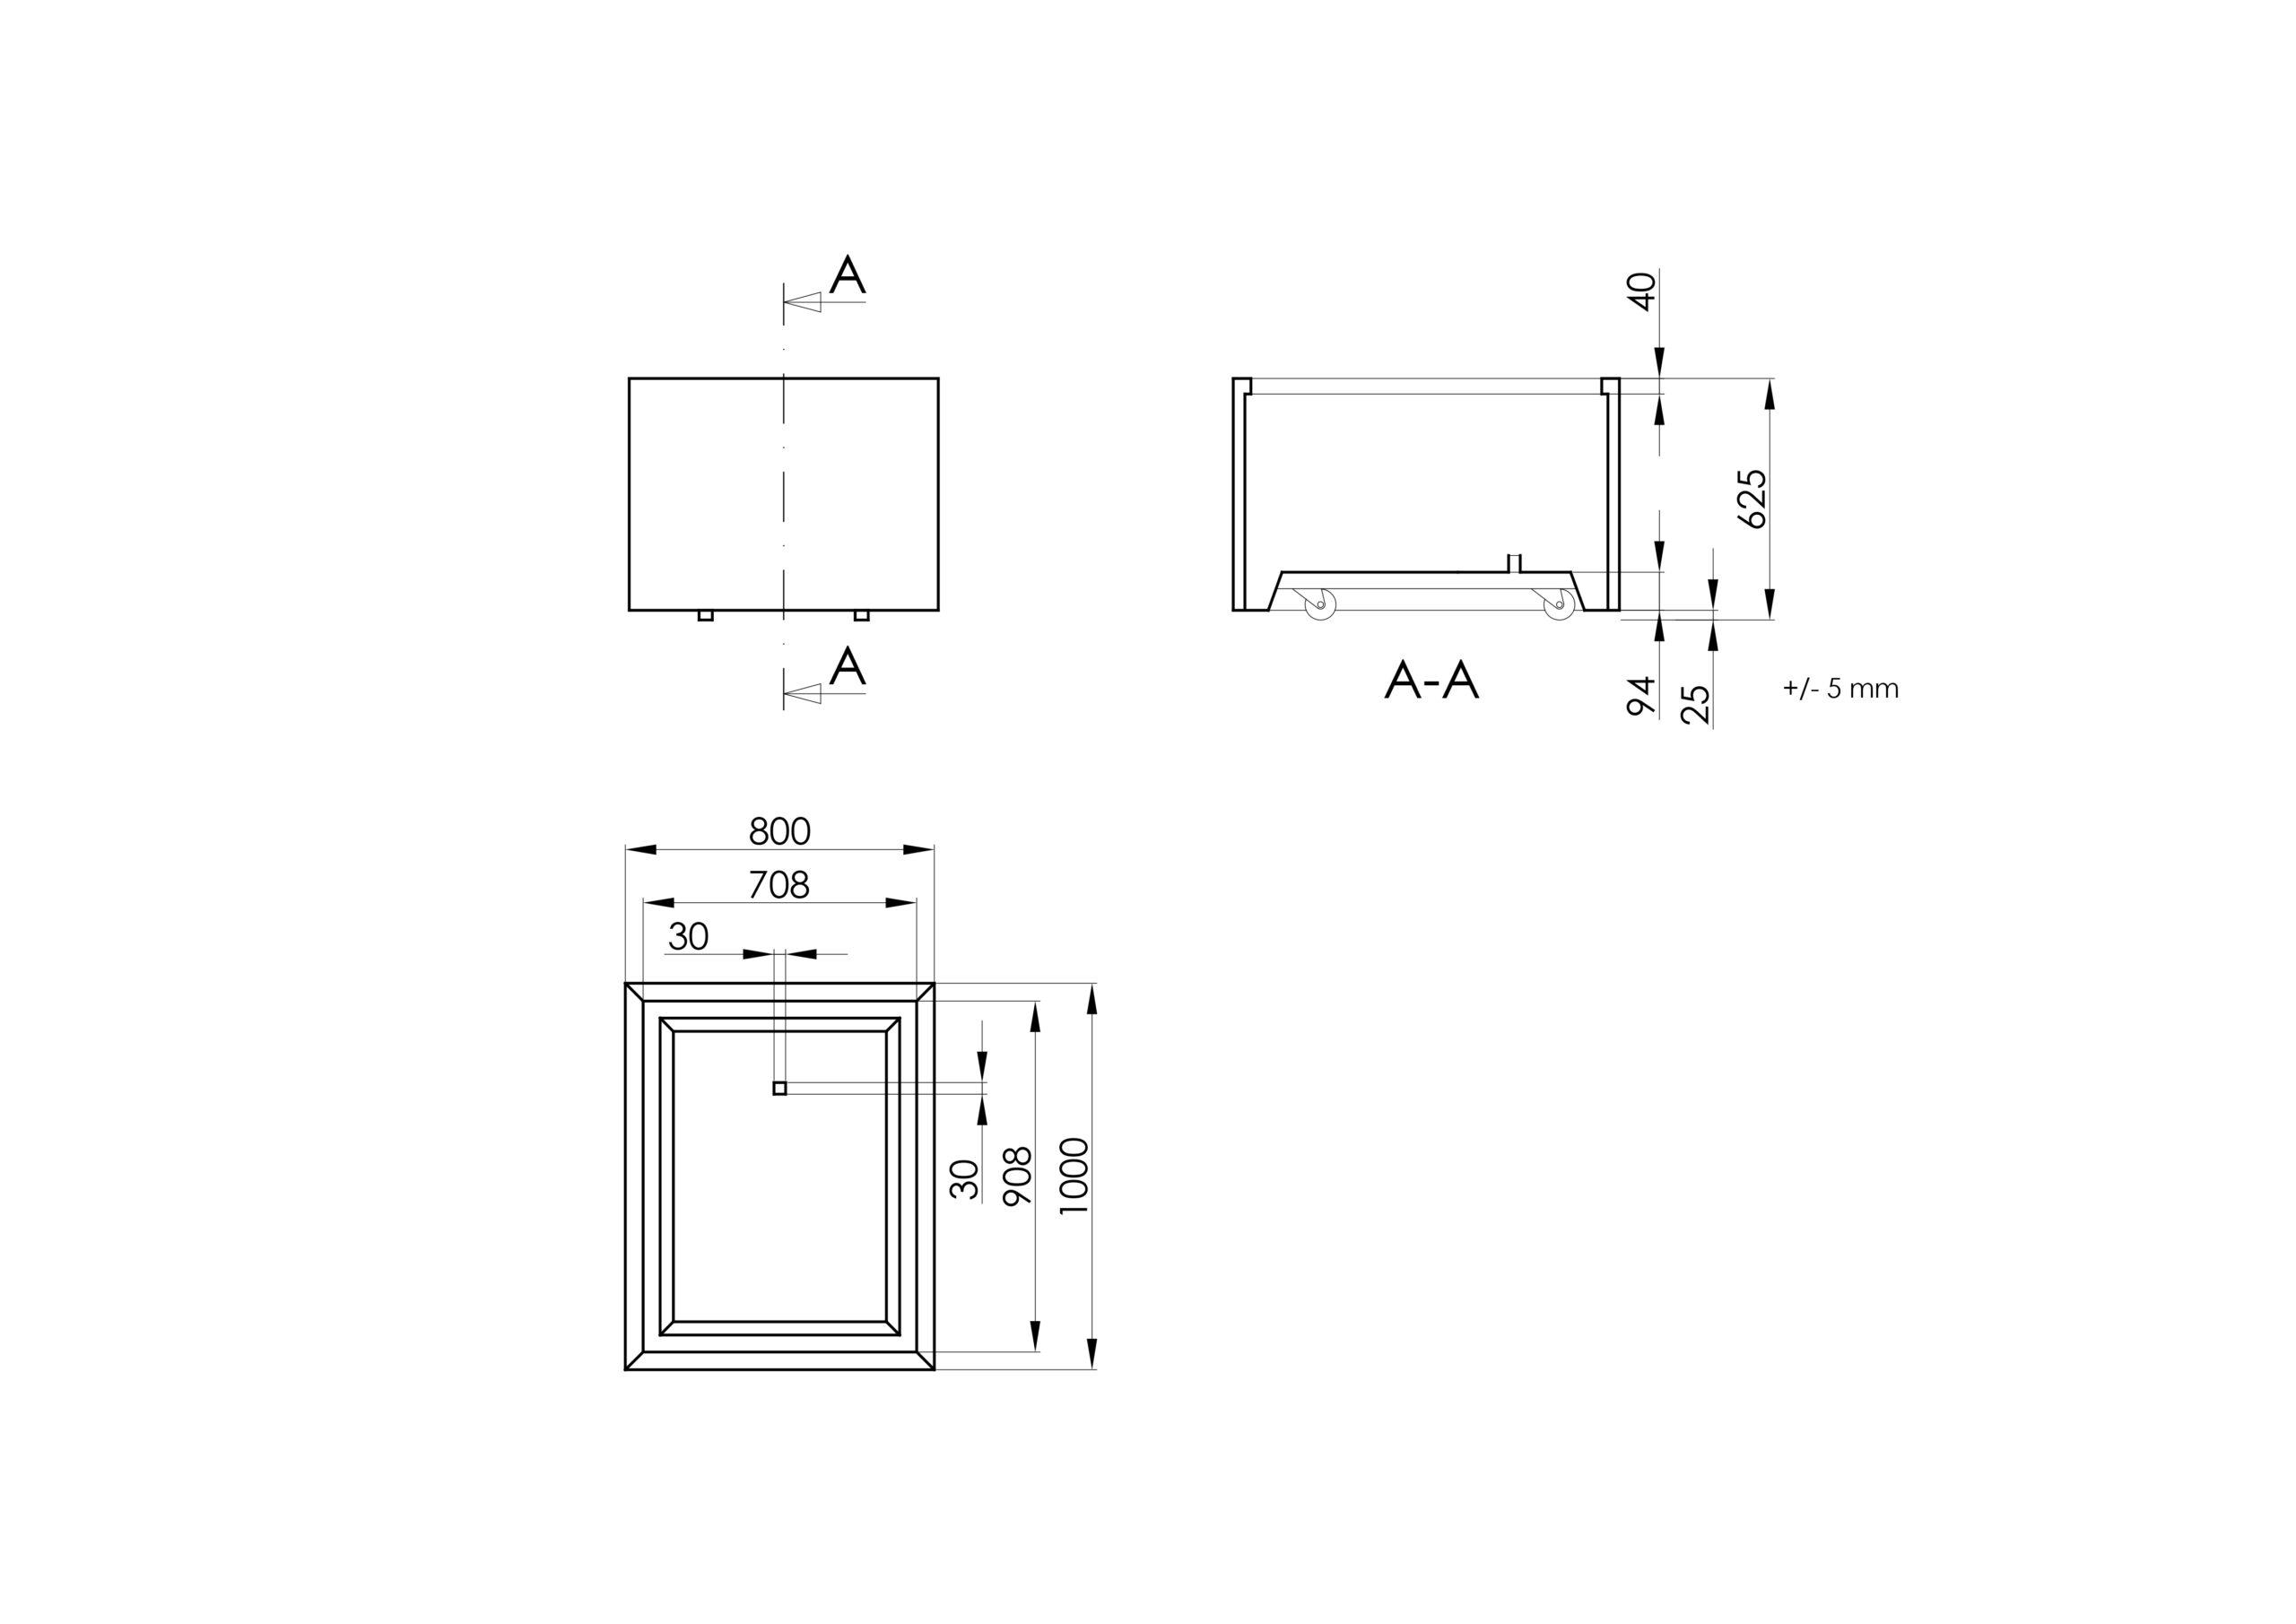 Giorgio Mobile -Technisches Zeichnen